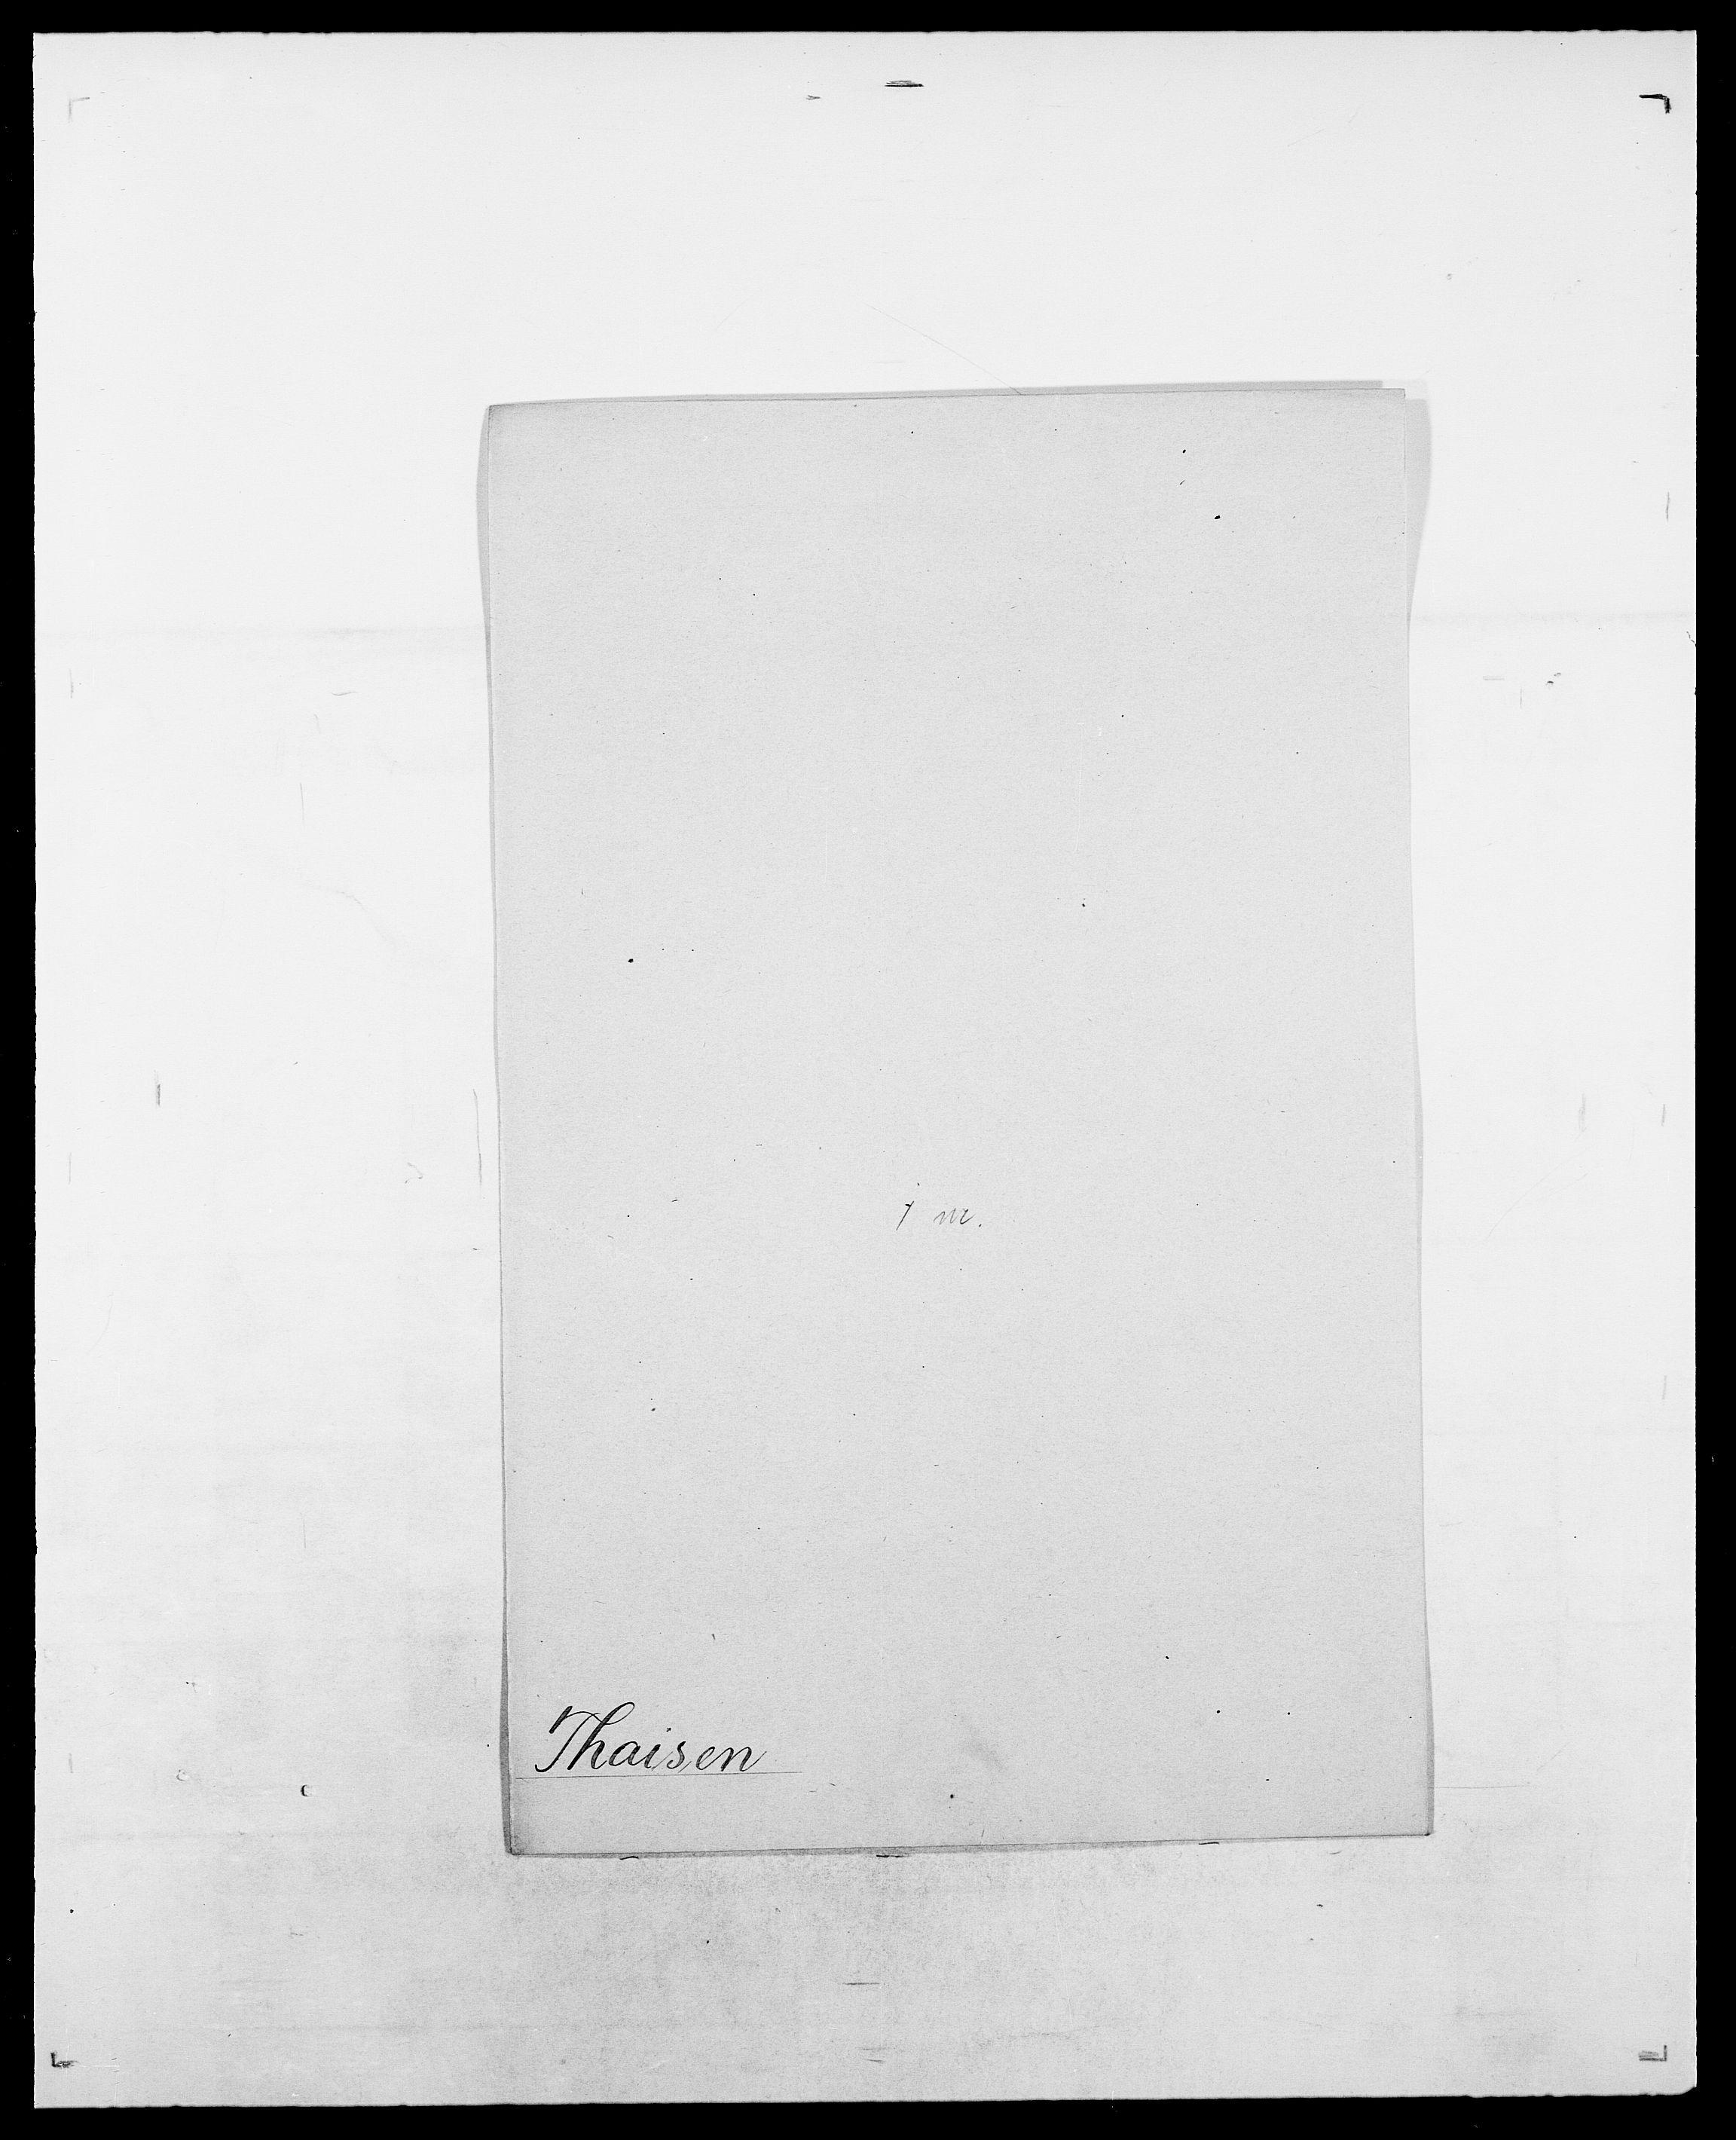 SAO, Delgobe, Charles Antoine - samling, D/Da/L0038: Svanenskjold - Thornsohn, s. 435